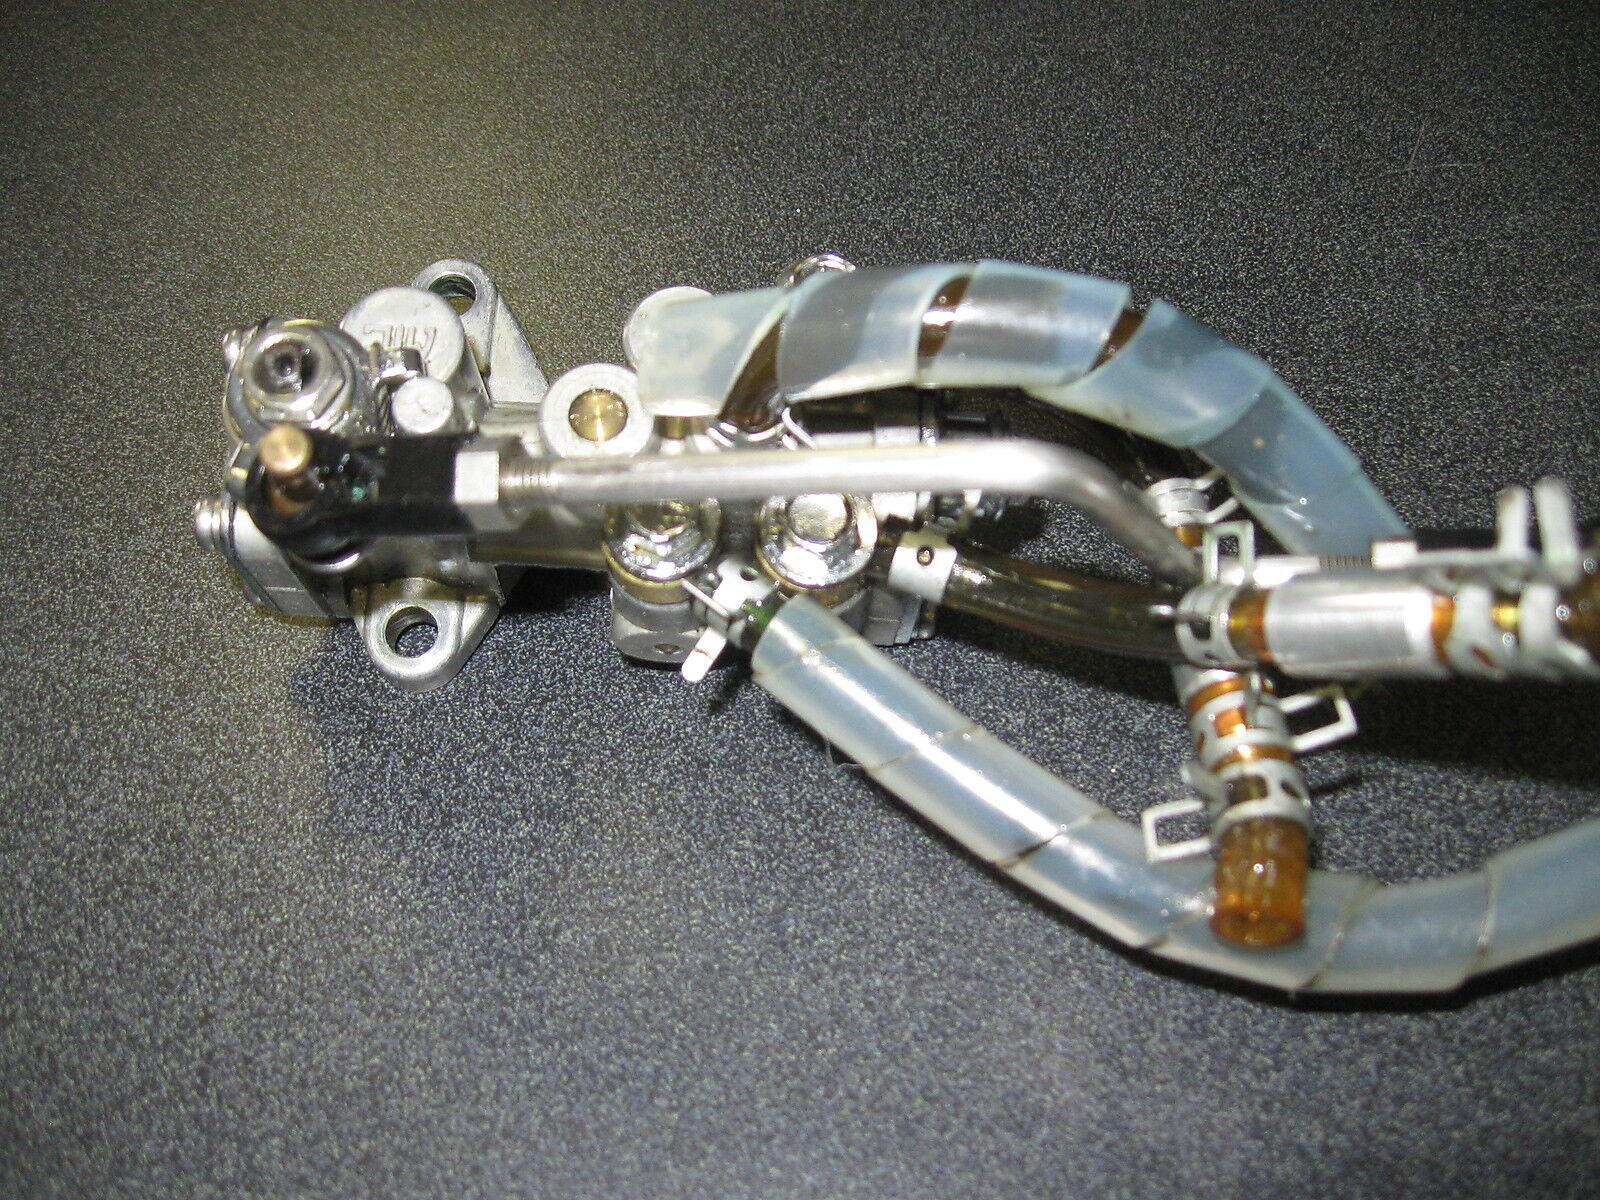 Suzuki Outboard Ölpumpe Montage Montage Ölpumpe Teilenummer 16100-94731 04a74e